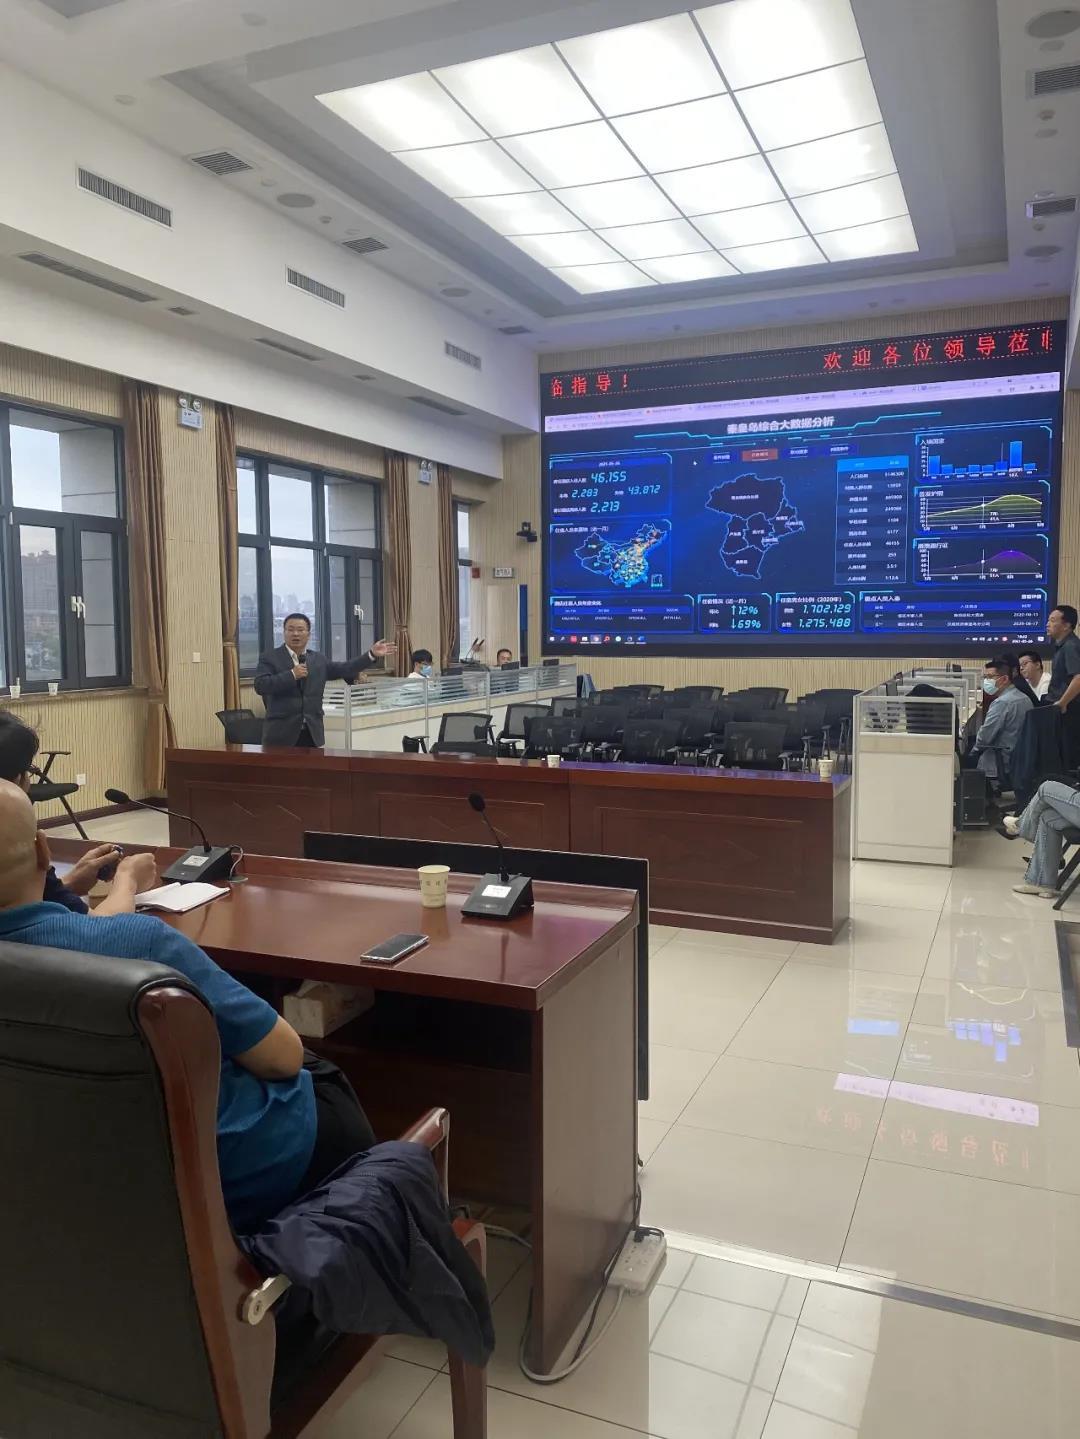 秦皇岛雪亮工程综治应用数据平台验收圆满成功